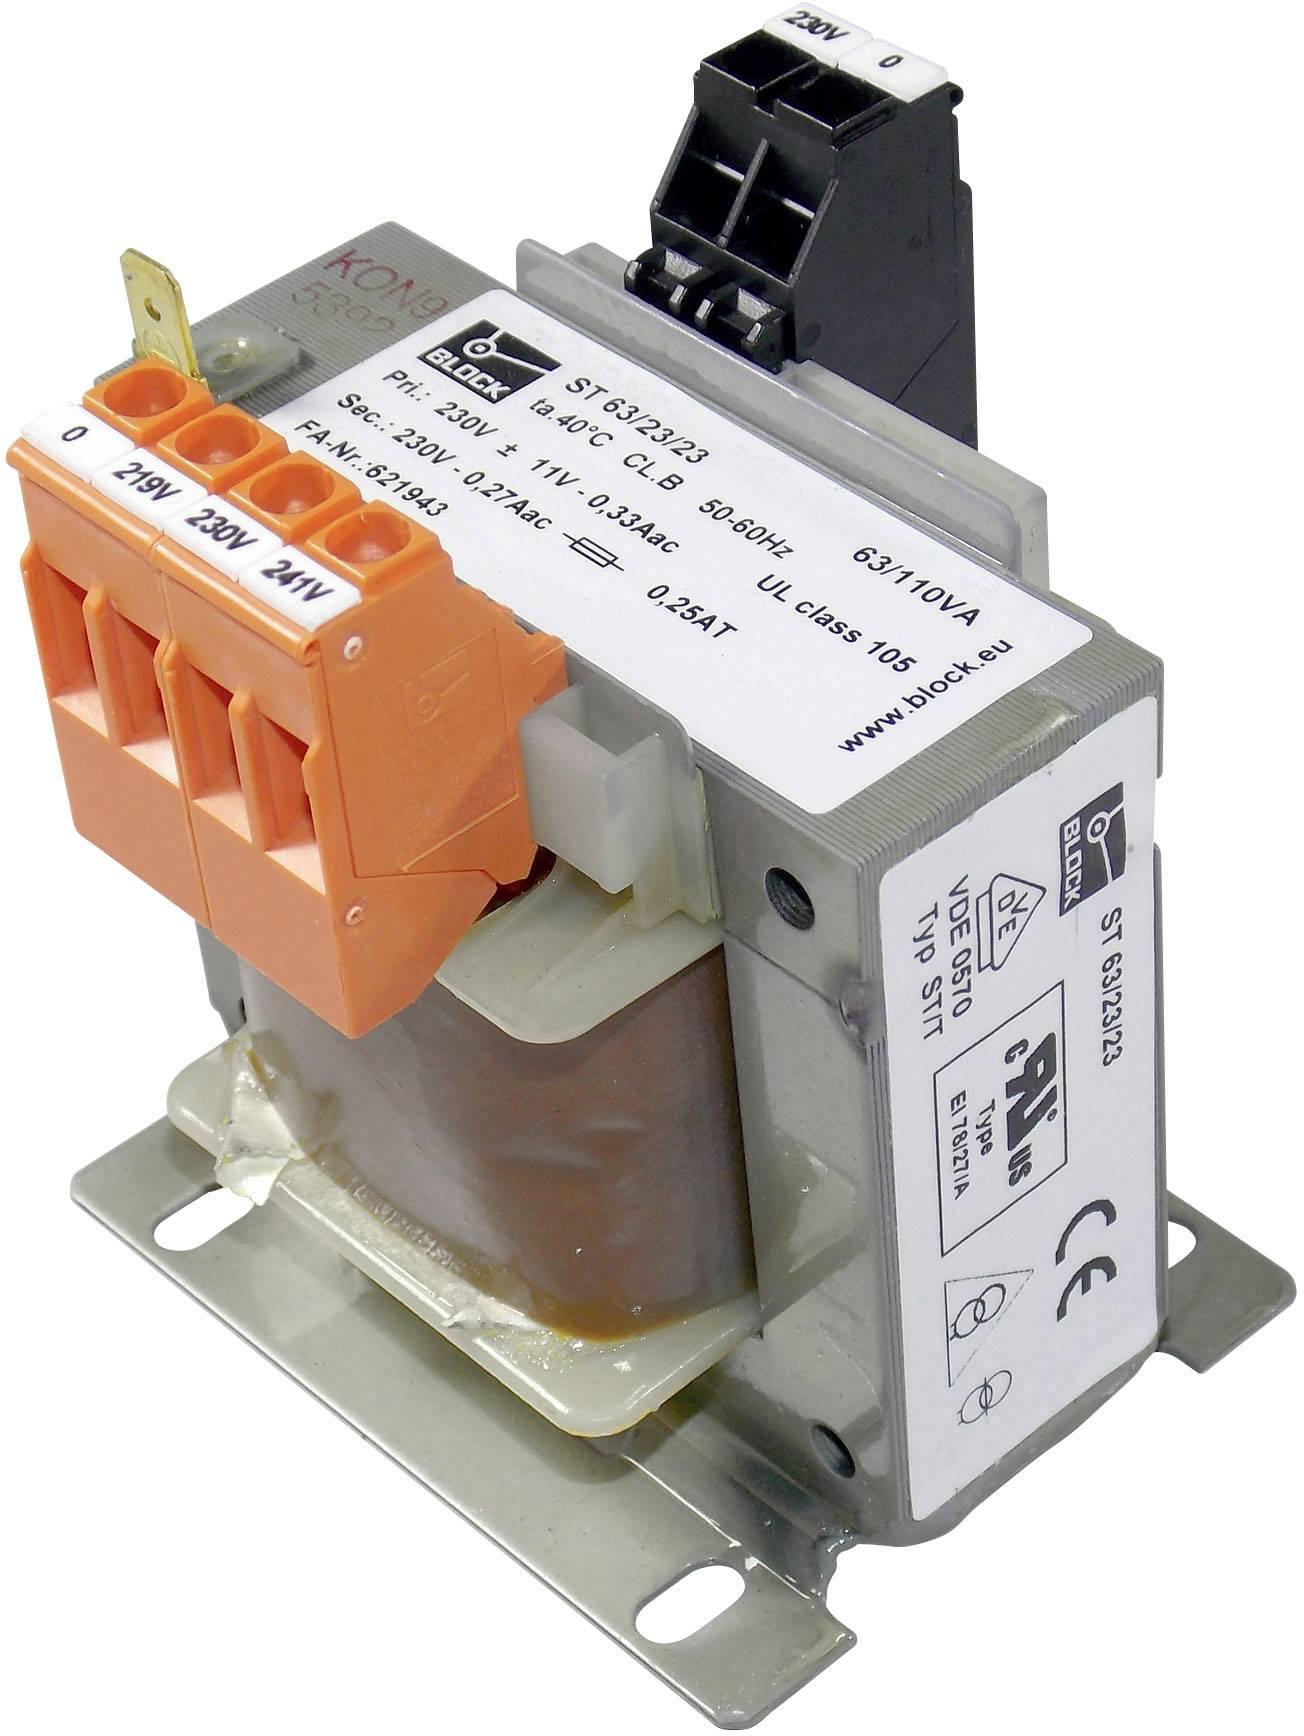 Transformátor Block ST 63/23/23, 230 V/230 V, 63 VA